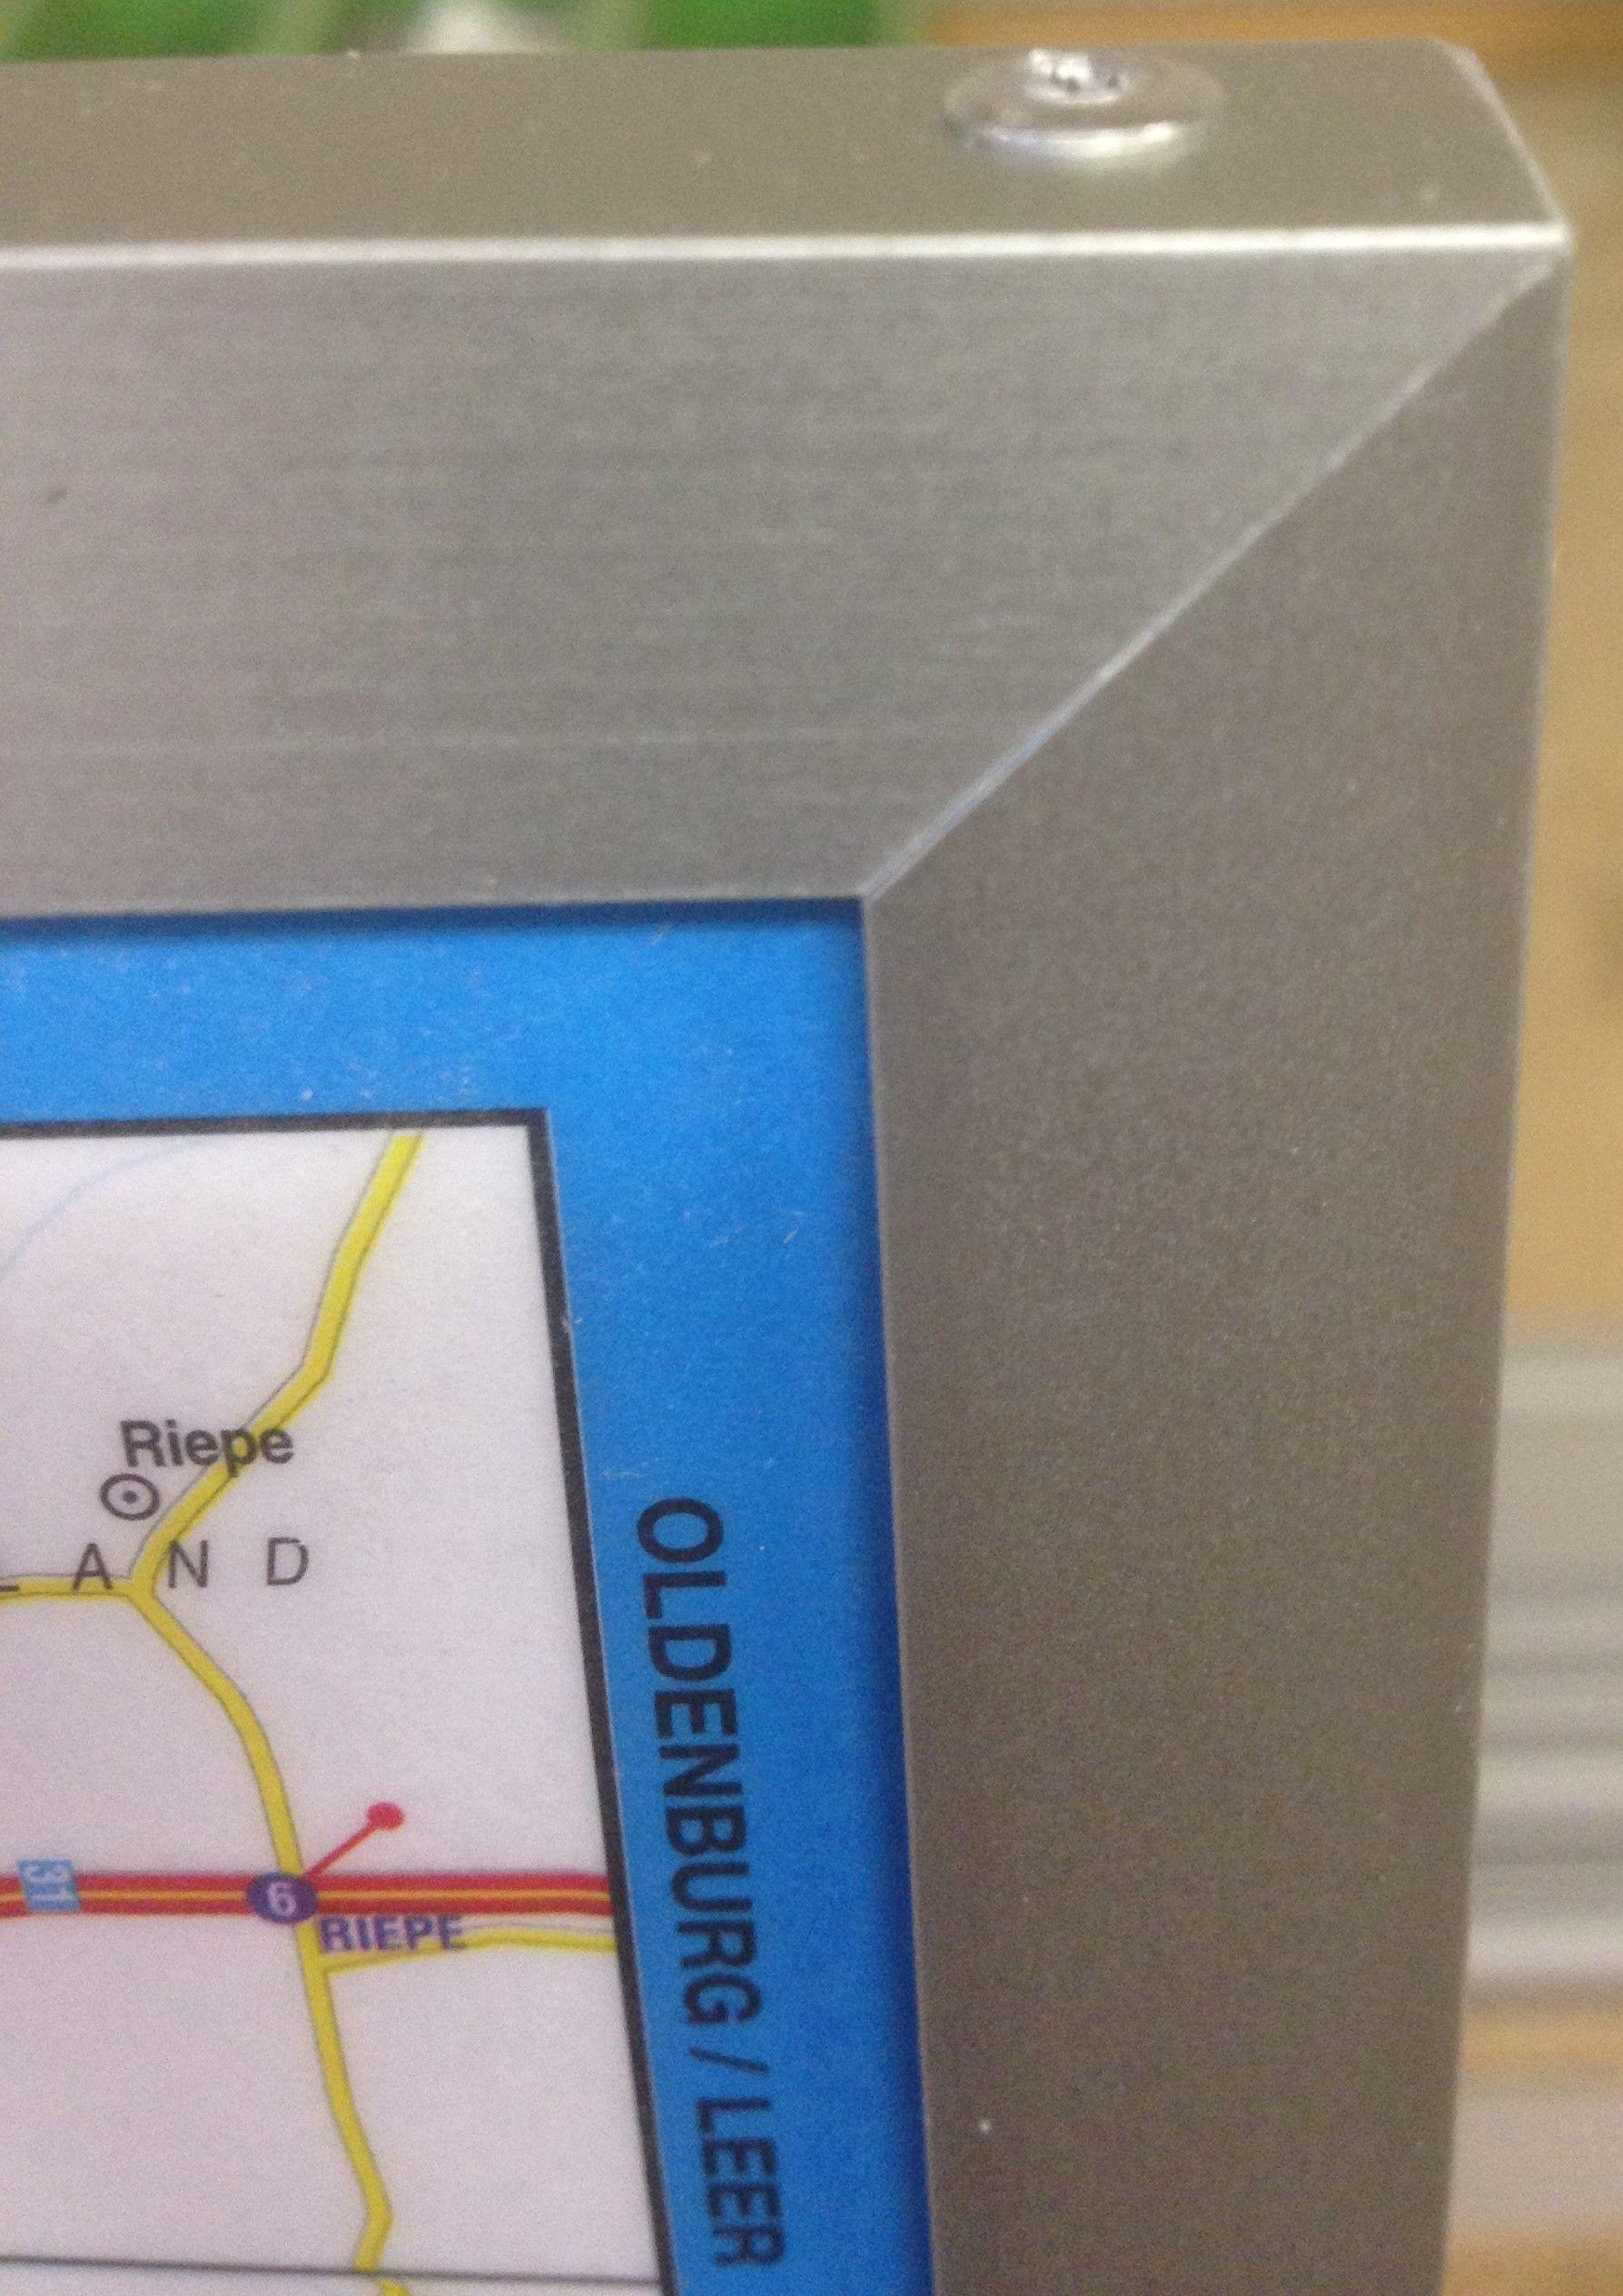 Topografische kaart schaal 1:50.000 (Vlieland,Texel,Den Helder)